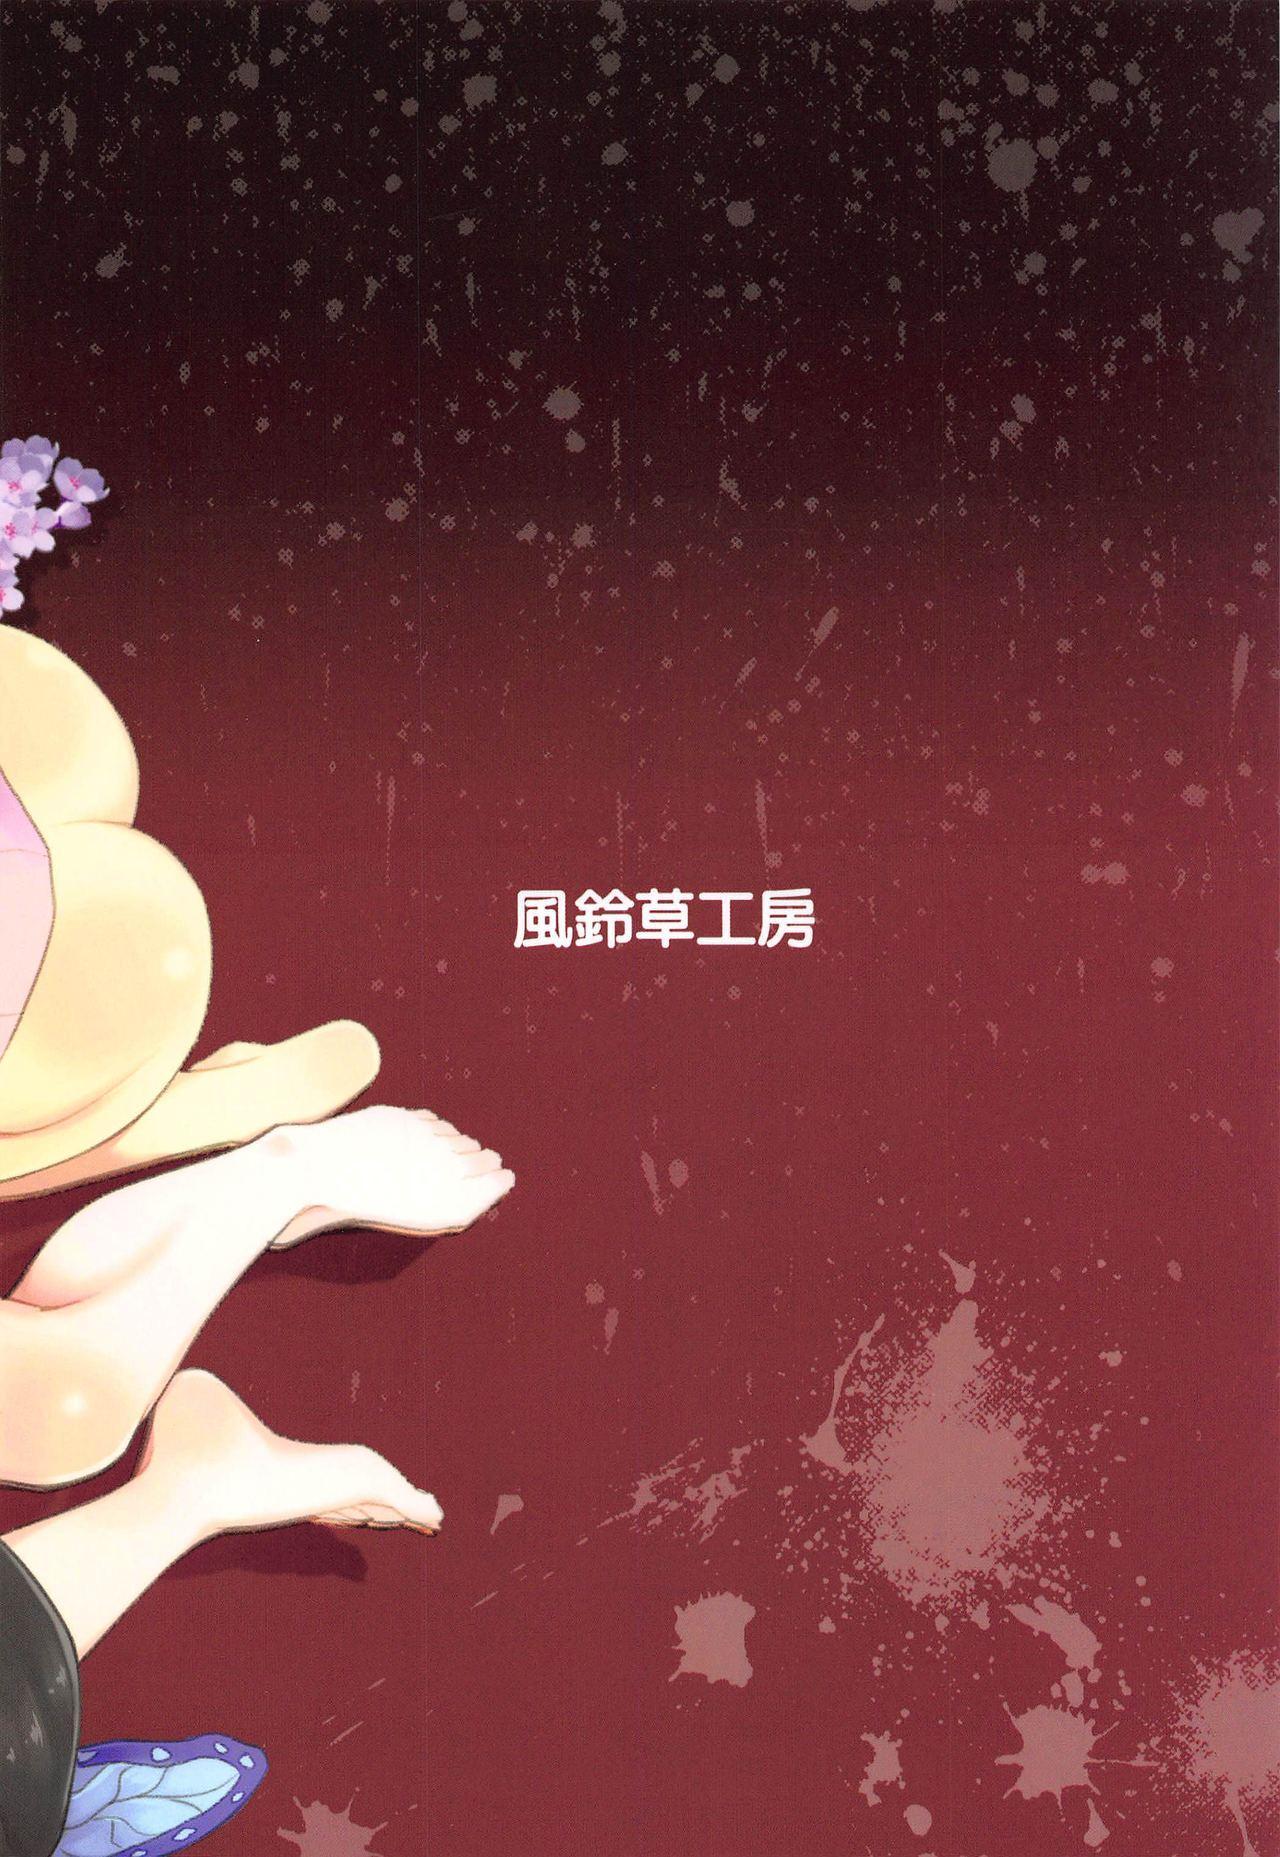 Saikin, Imouto no Yousu ga Chotto Okashiin daga. 22